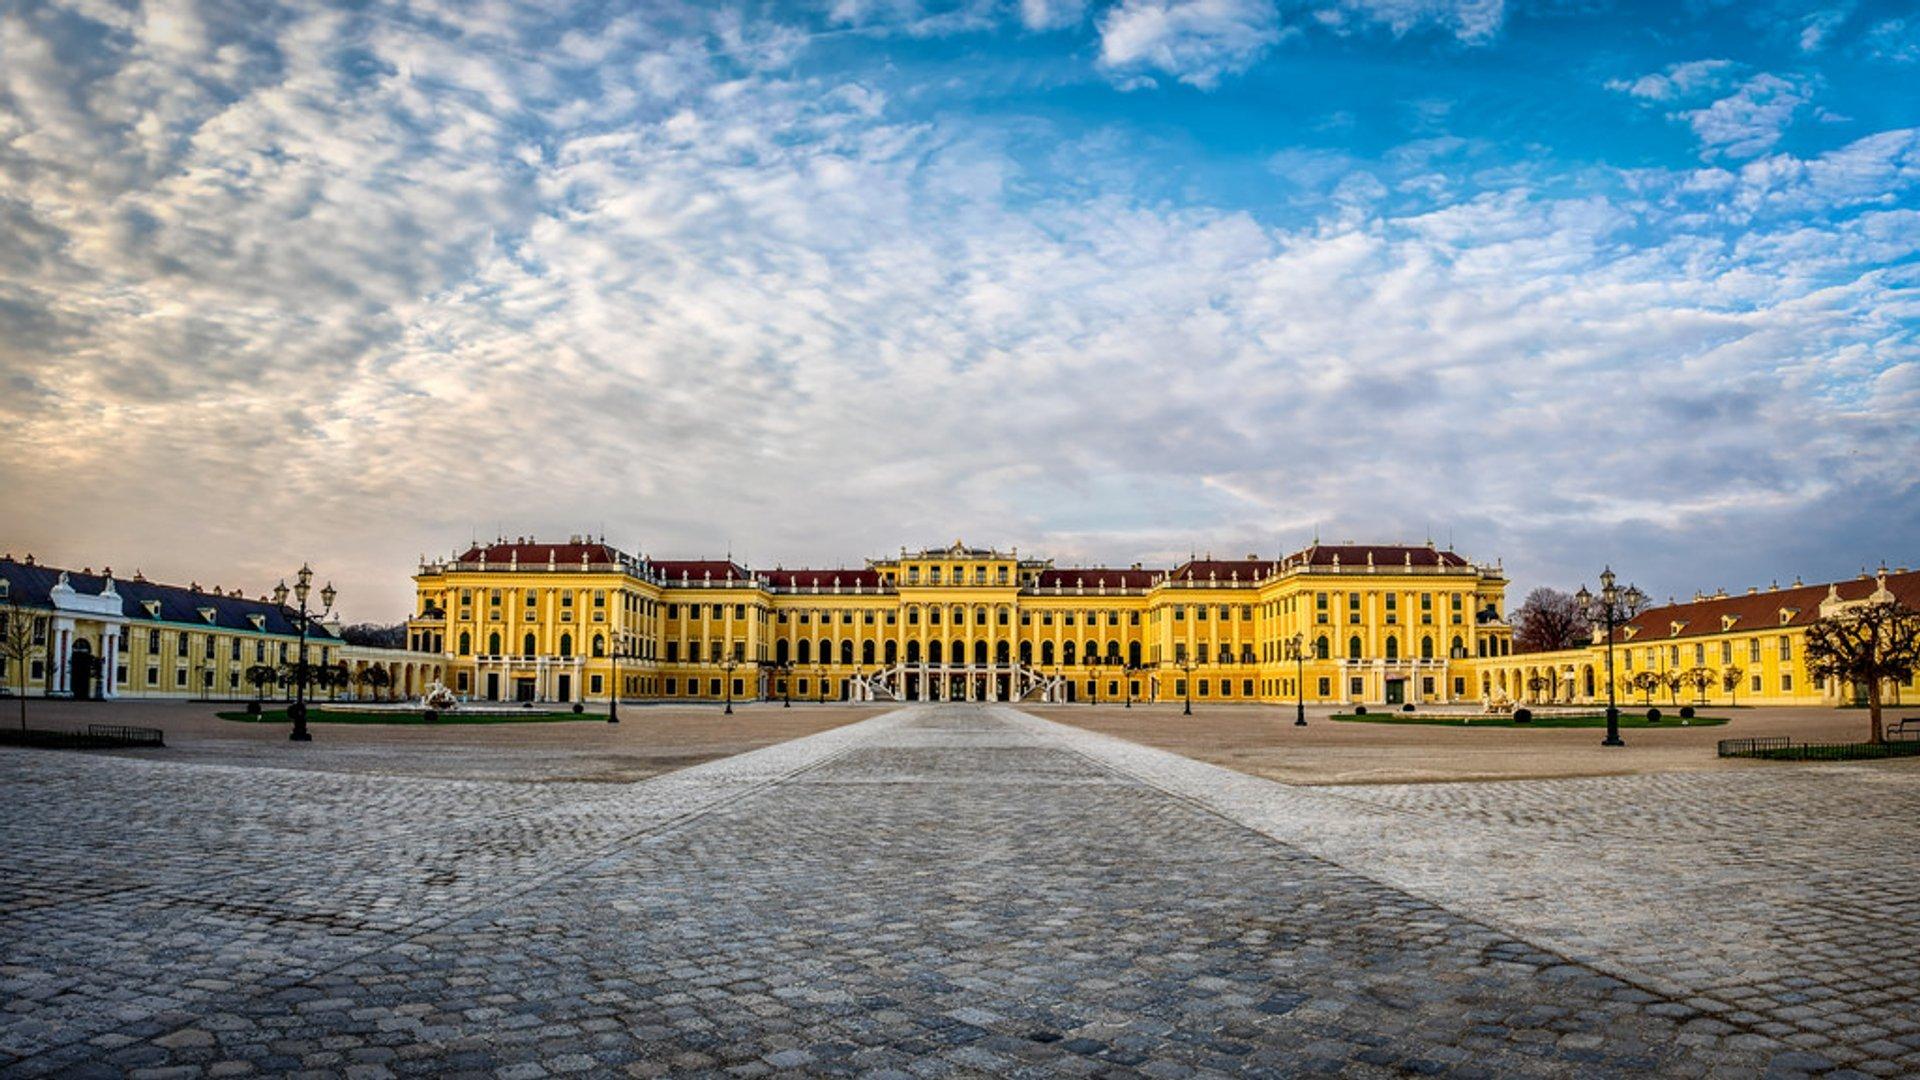 Schönbrunn Palace in Vienna 2020 - Best Time